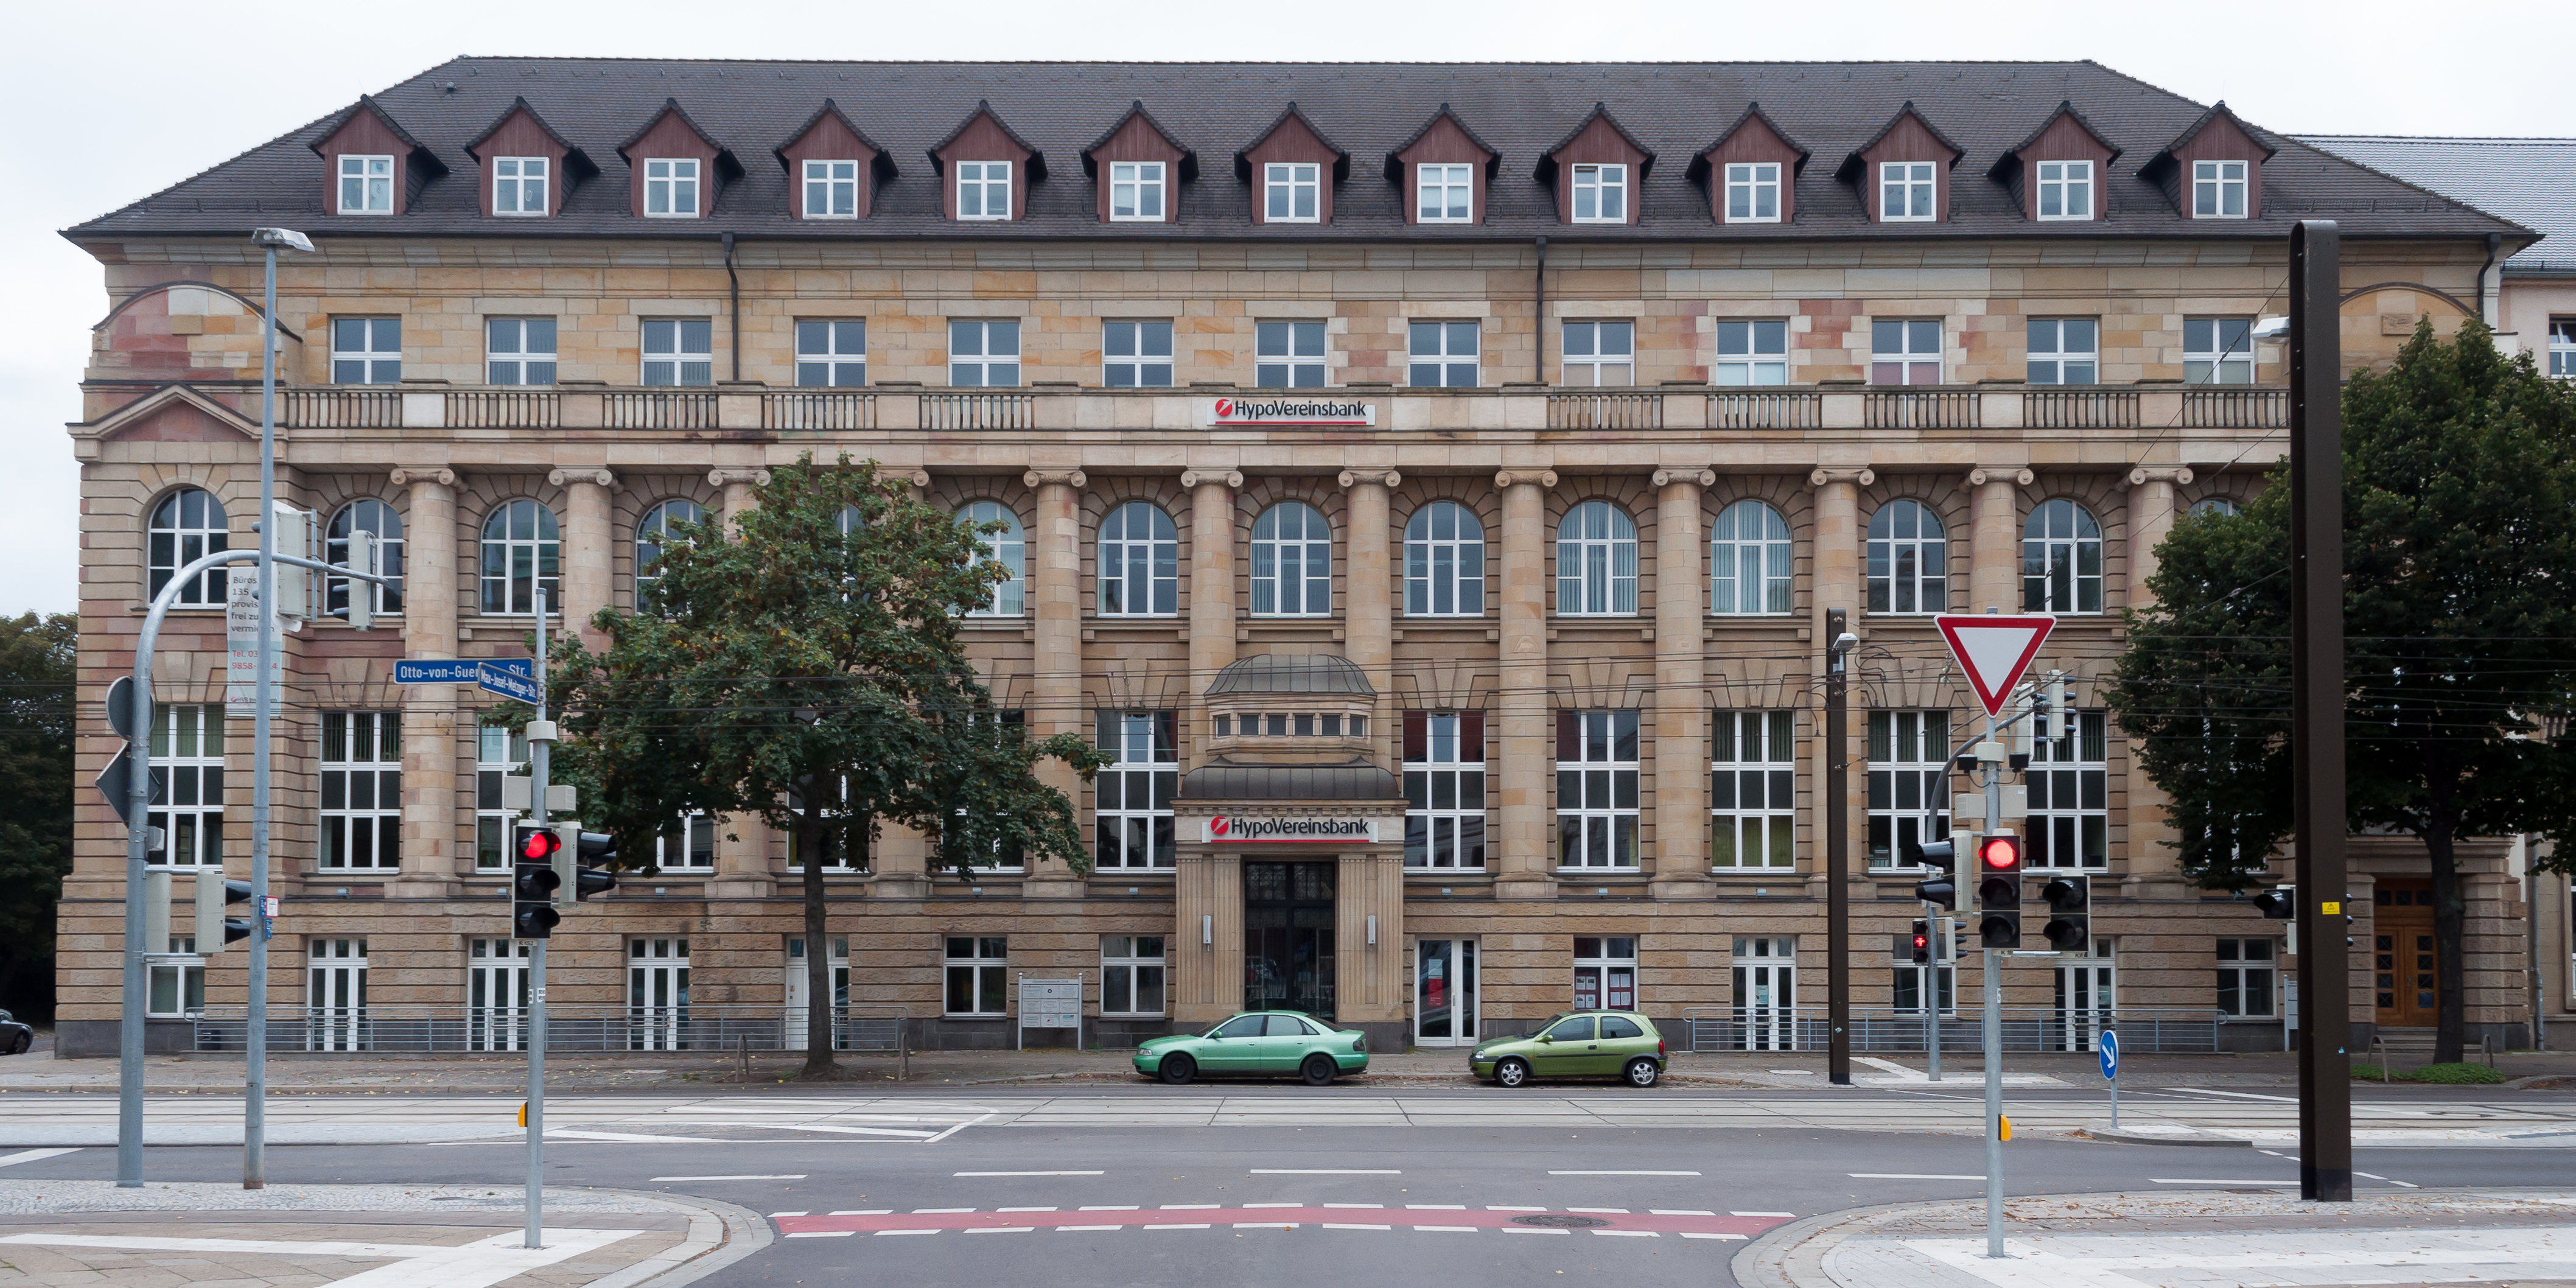 Otto Von Guericke Straße : file otto von guericke stra e 27 28 magdeburg alstadt wikimedia commons ~ Watch28wear.com Haus und Dekorationen